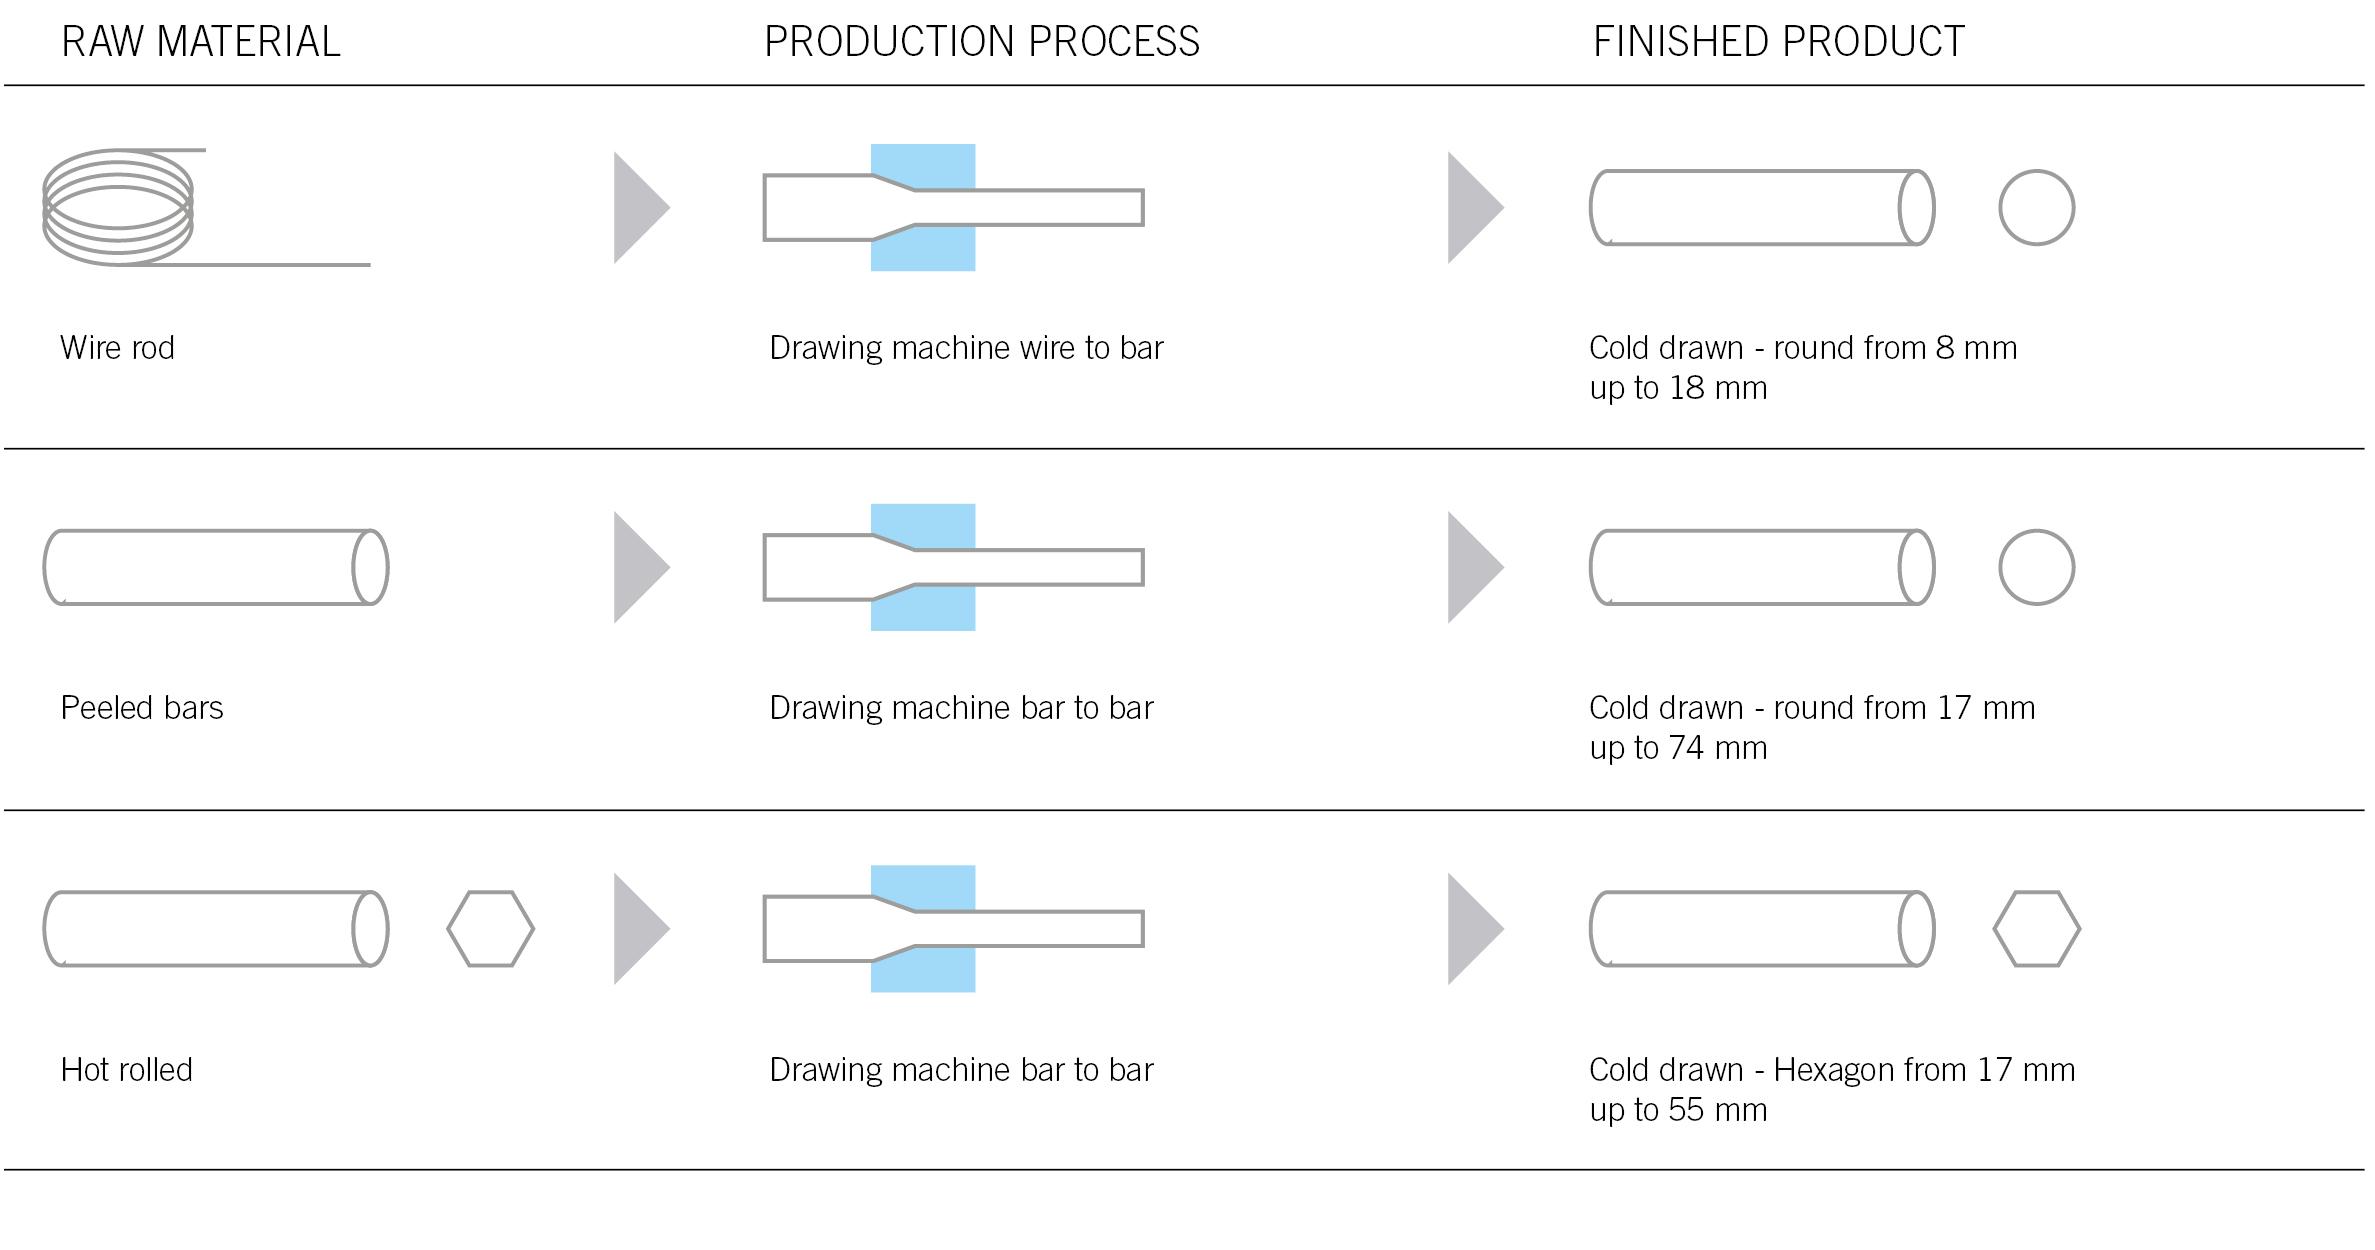 novacciai martin - tabella processo produttivo DRAWING